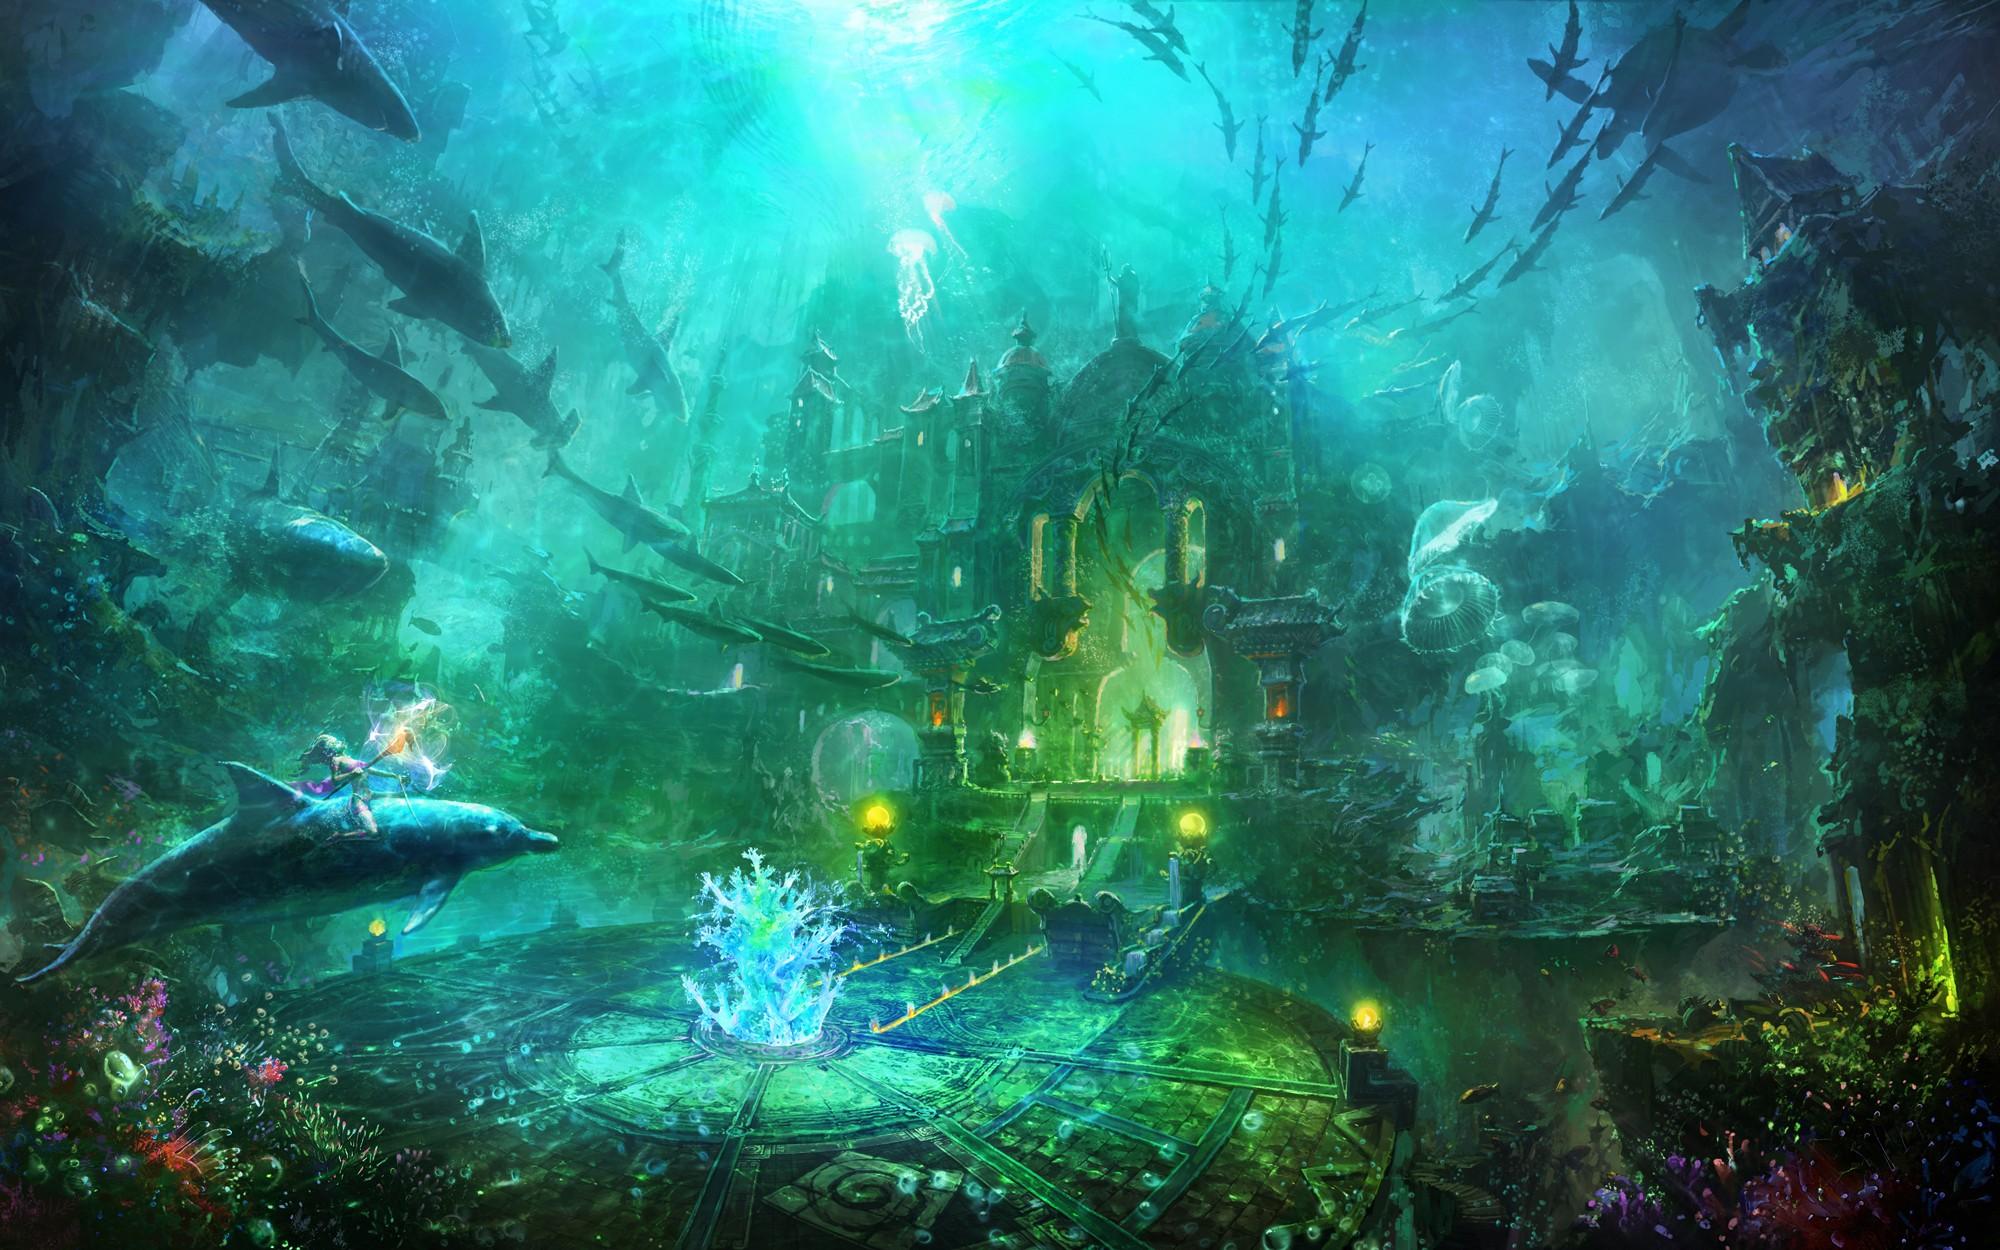 壁纸 海底 海底世界 海洋馆 水族馆 桌面 2000_1250